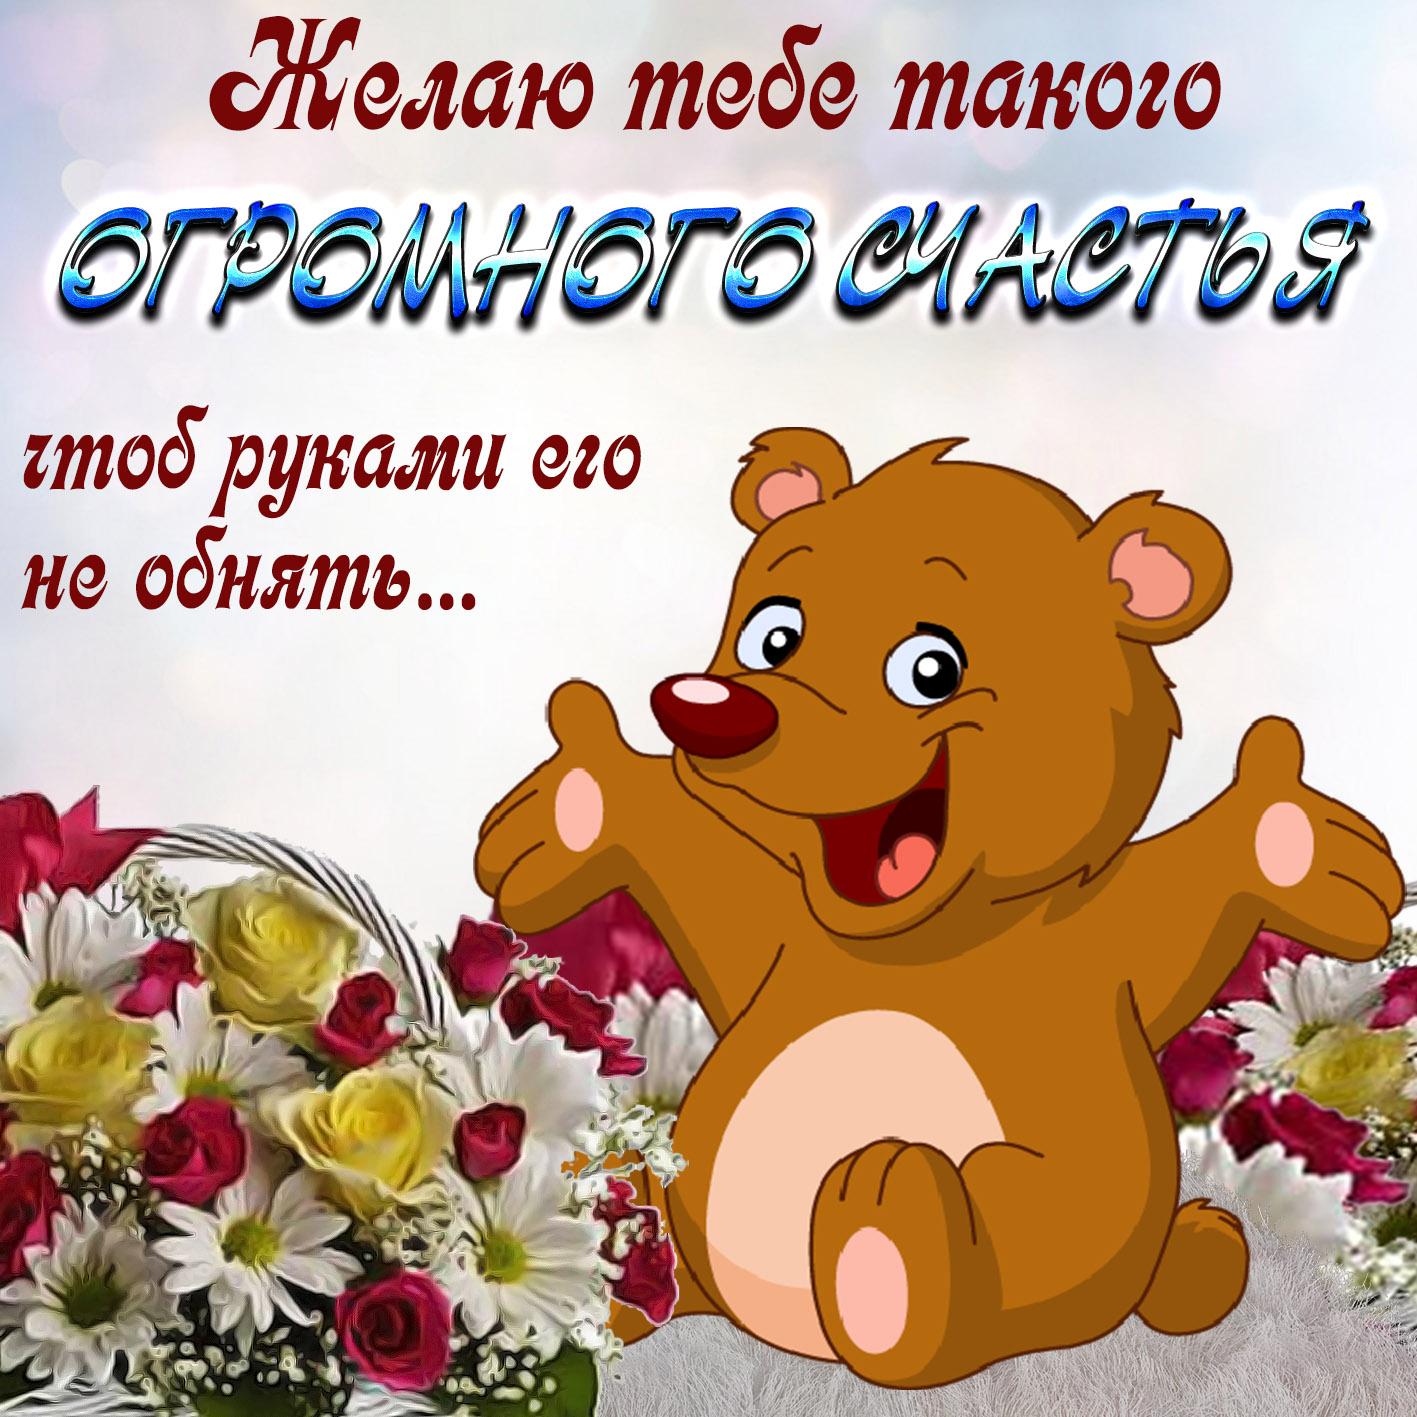 Открытка - медвежонок желает огромного счастья